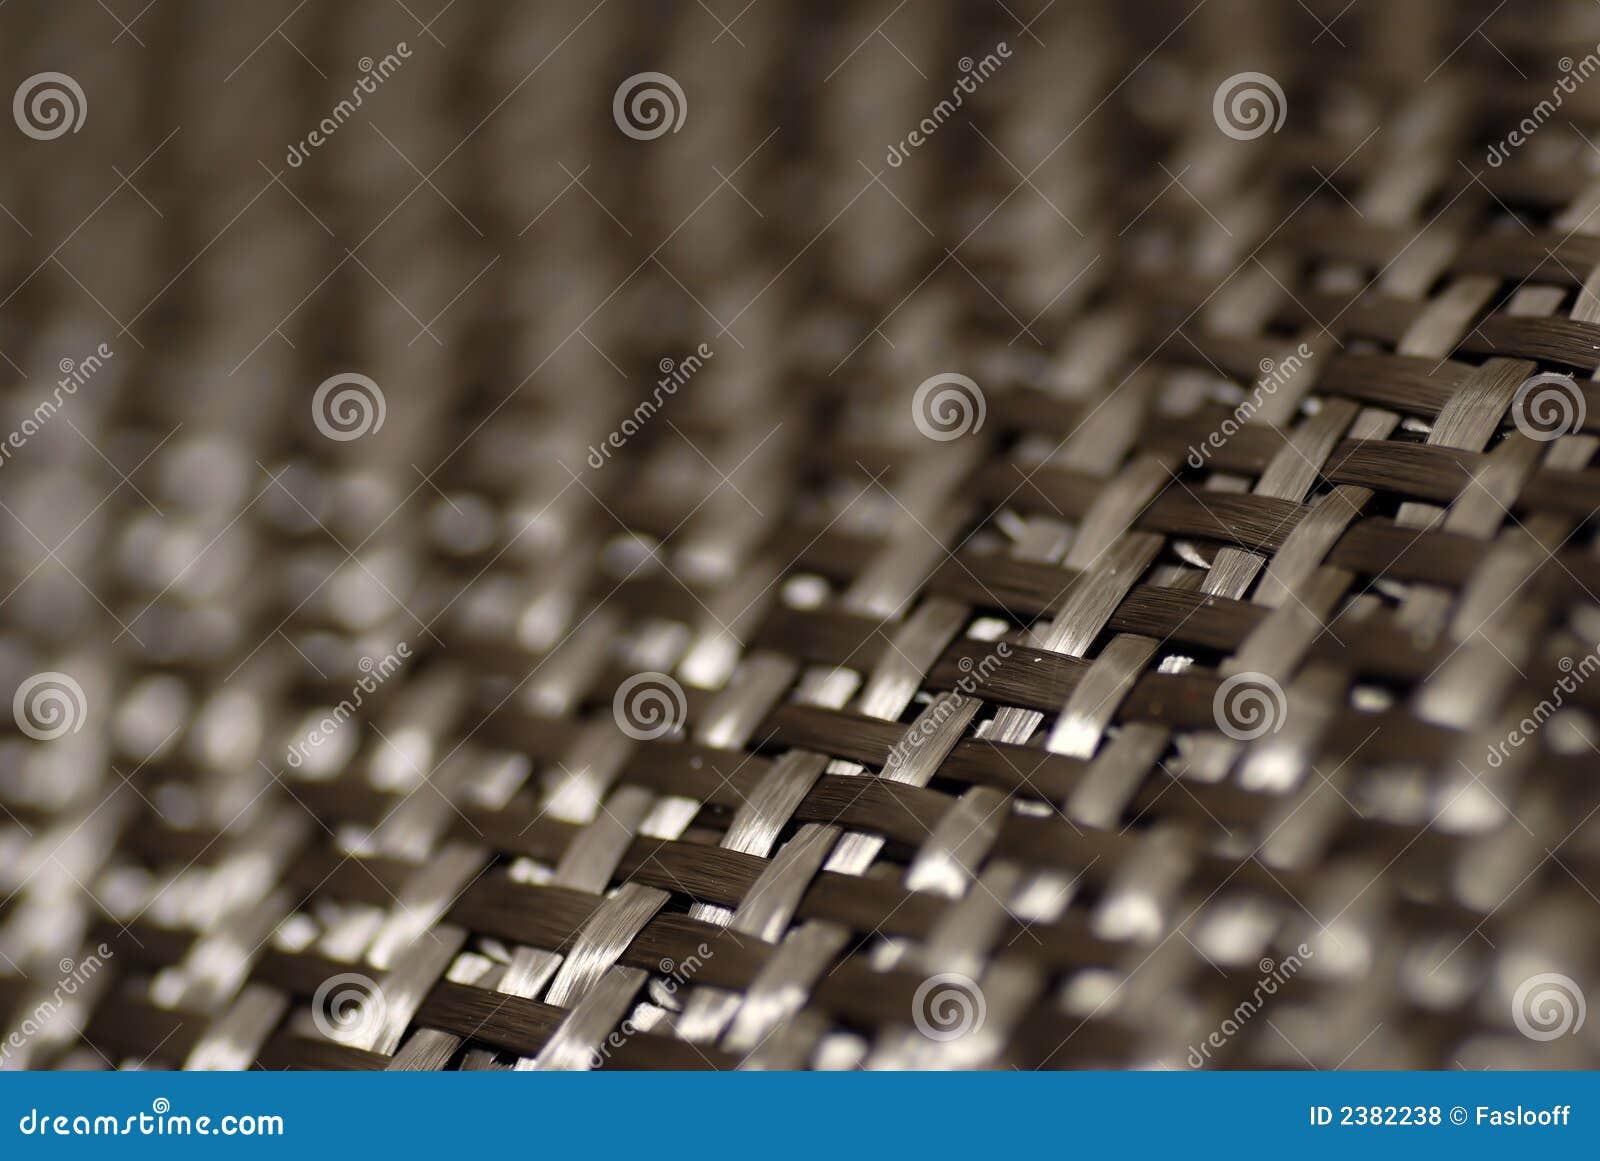 Reticolo della fibra del carbonio